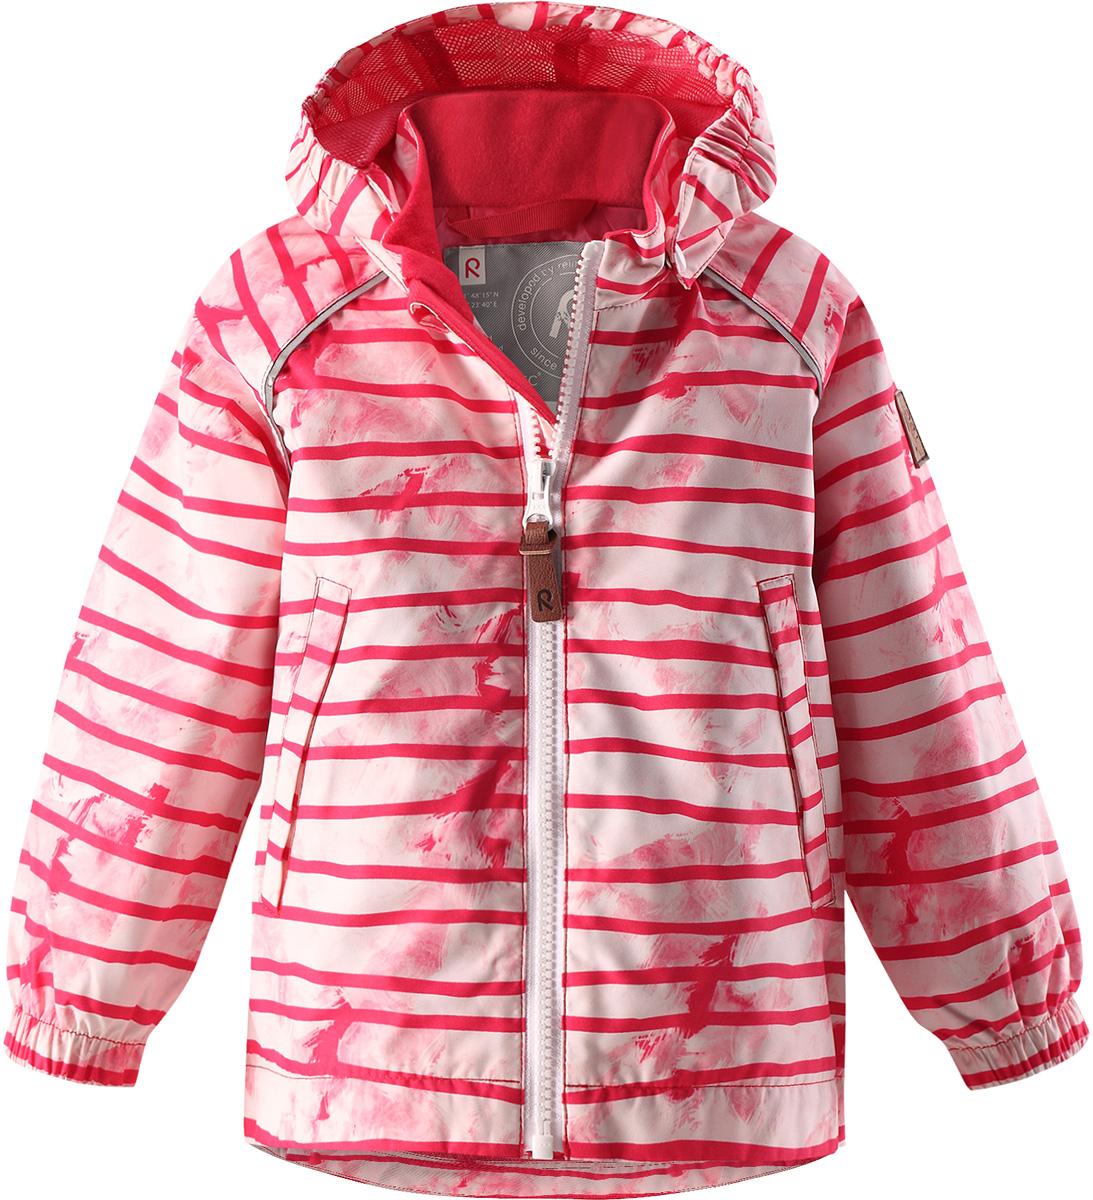 Куртка детская Reima Hihitys, цвет: розовый. 5112363366. Размер 925112363366Водоотталкивающая и простая в уходе демисезонная куртка для малышей. Все основные швы проклеены, так что внутрь не просочится ни одна дождинка. Ветронепроницаемый материал имеет грязеотталкивающую поверхность. Гладкая и удобная подкладка из полиэстера облегчает надевание и не намокает от пота. Съемный капюшон защищает от пронизывающего ветра и безопасен во время игр на свежем воздухе. В куртке предусмотрены два кармана и светоотражающие детали.